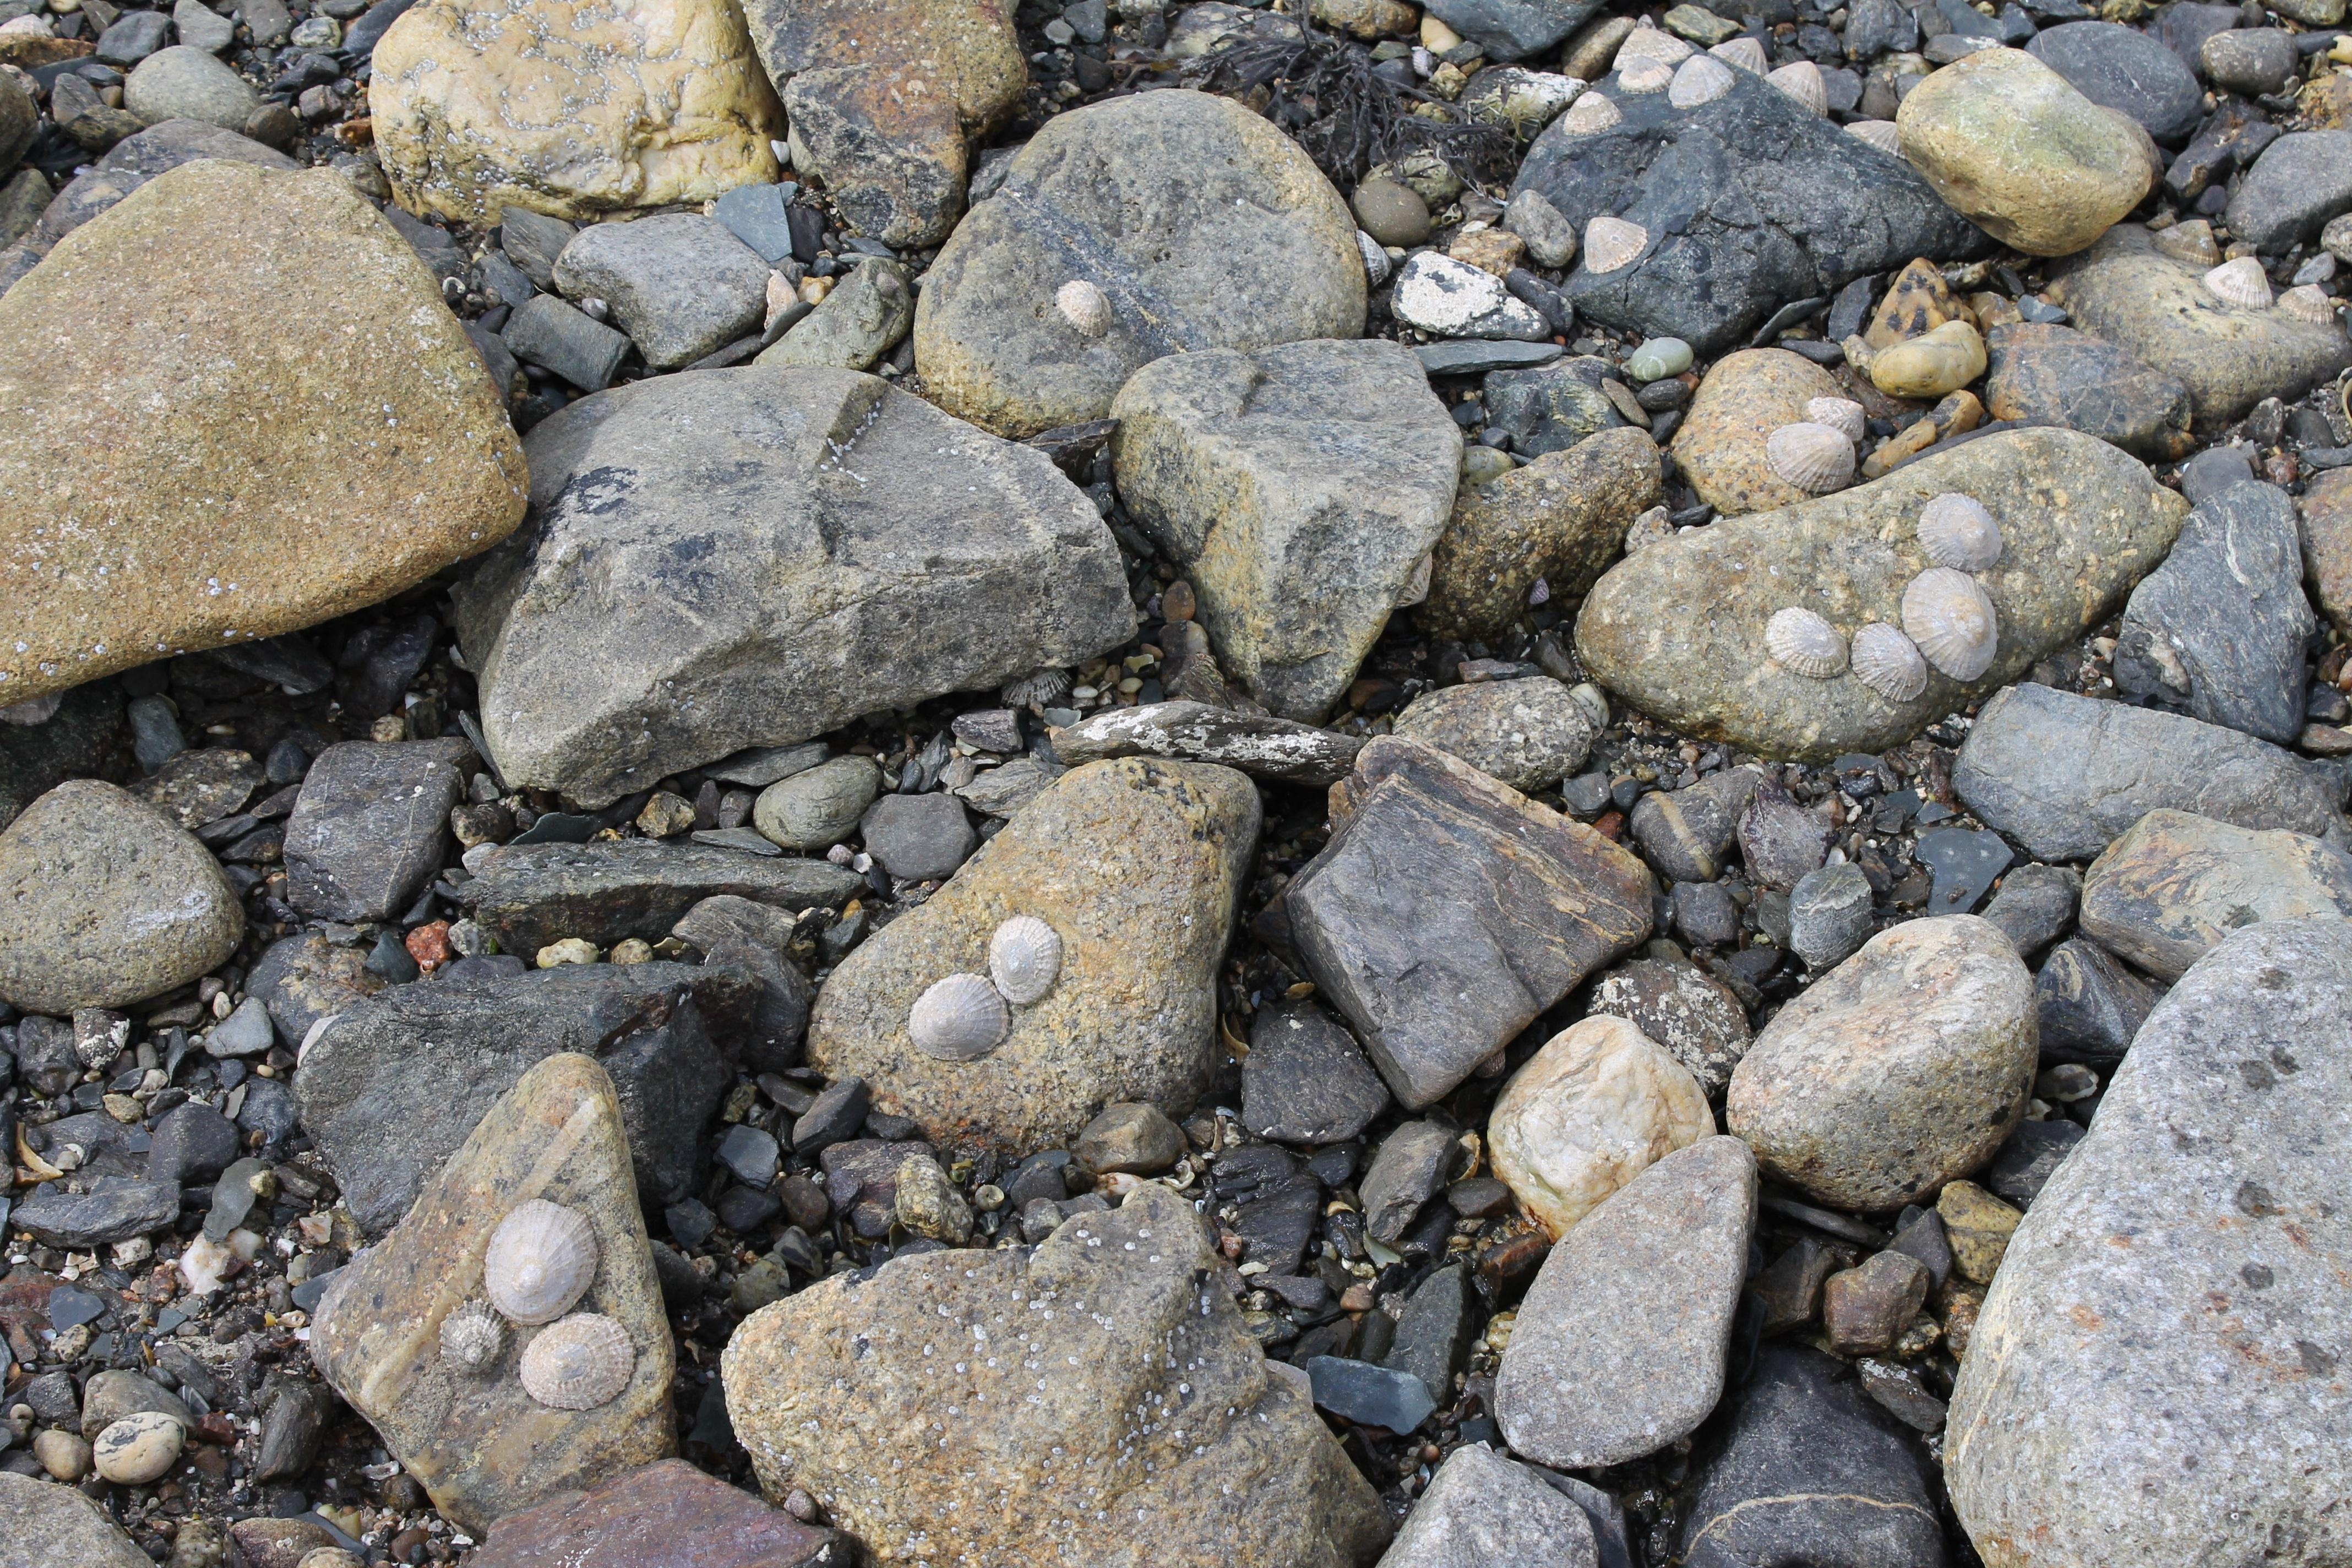 Gambar Batu Besar Kerikil Tanah Dinding Batu Pantai Laut